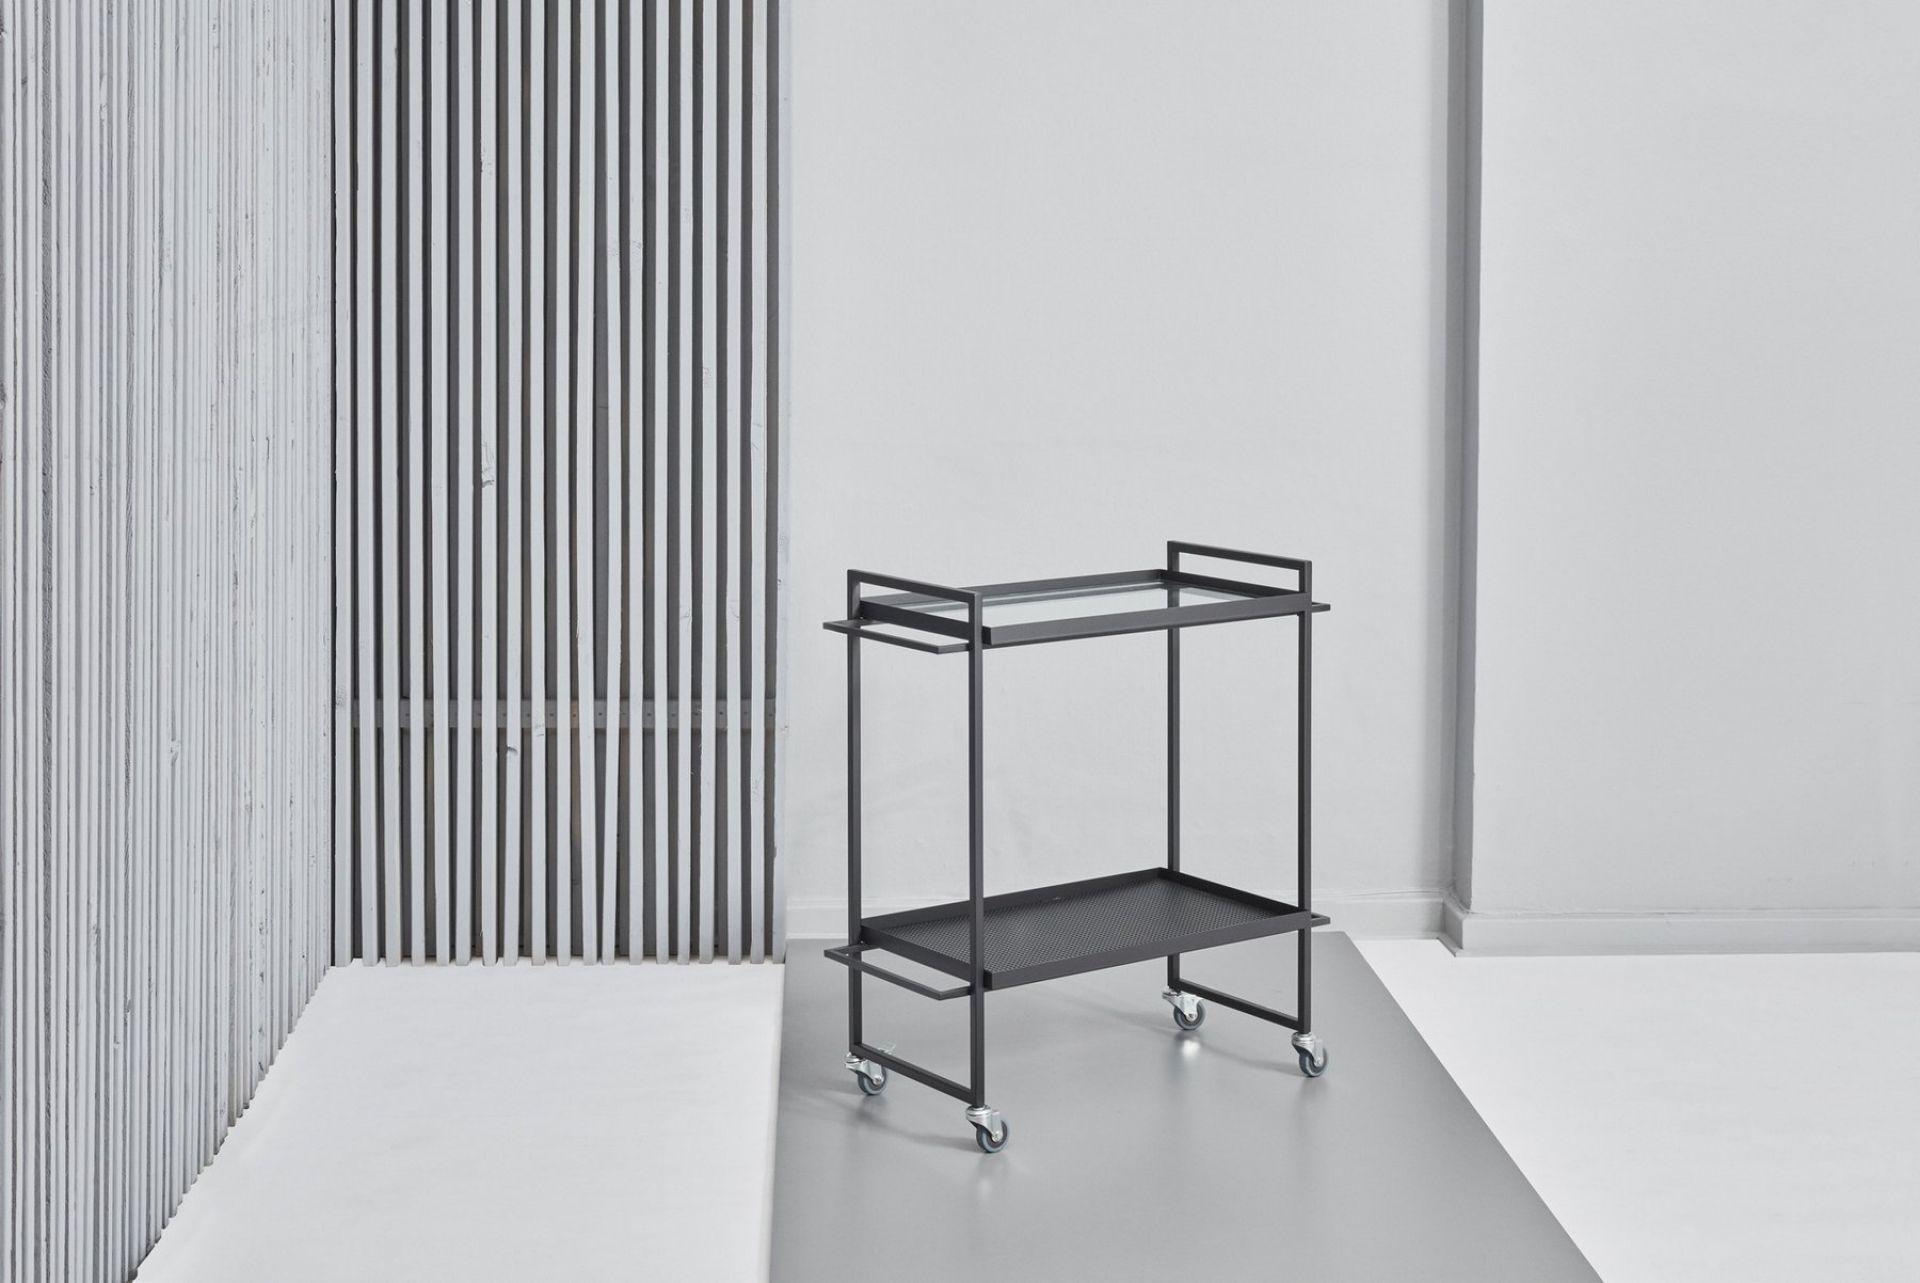 Bauhaus Trolley Servierwagen Kristina Dam Studio